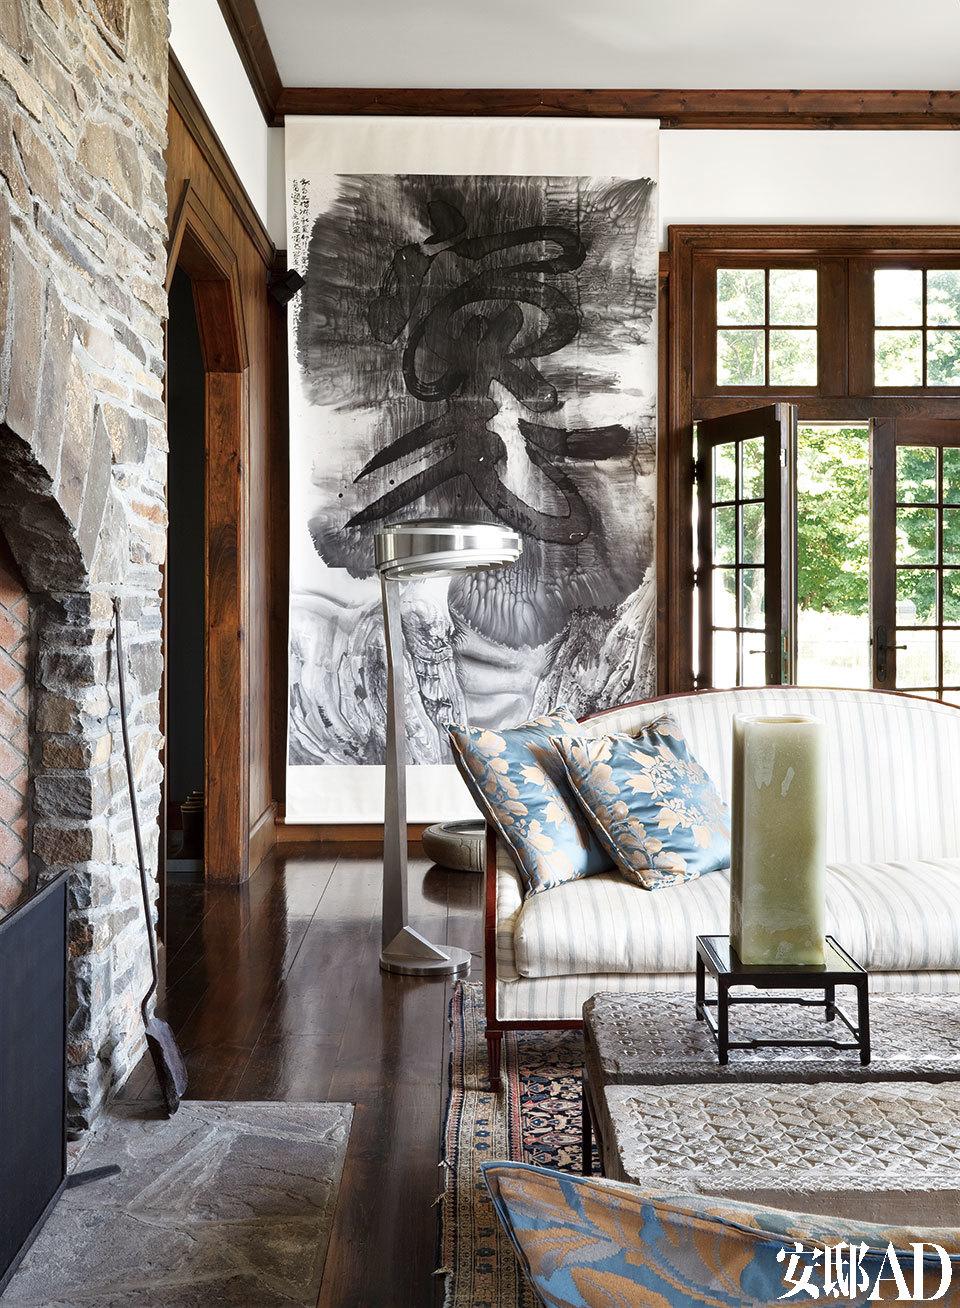 沙发是女主人Kathryn自己设计的,简单的曲线靠背和灰白条纹也是让人放松的选择。